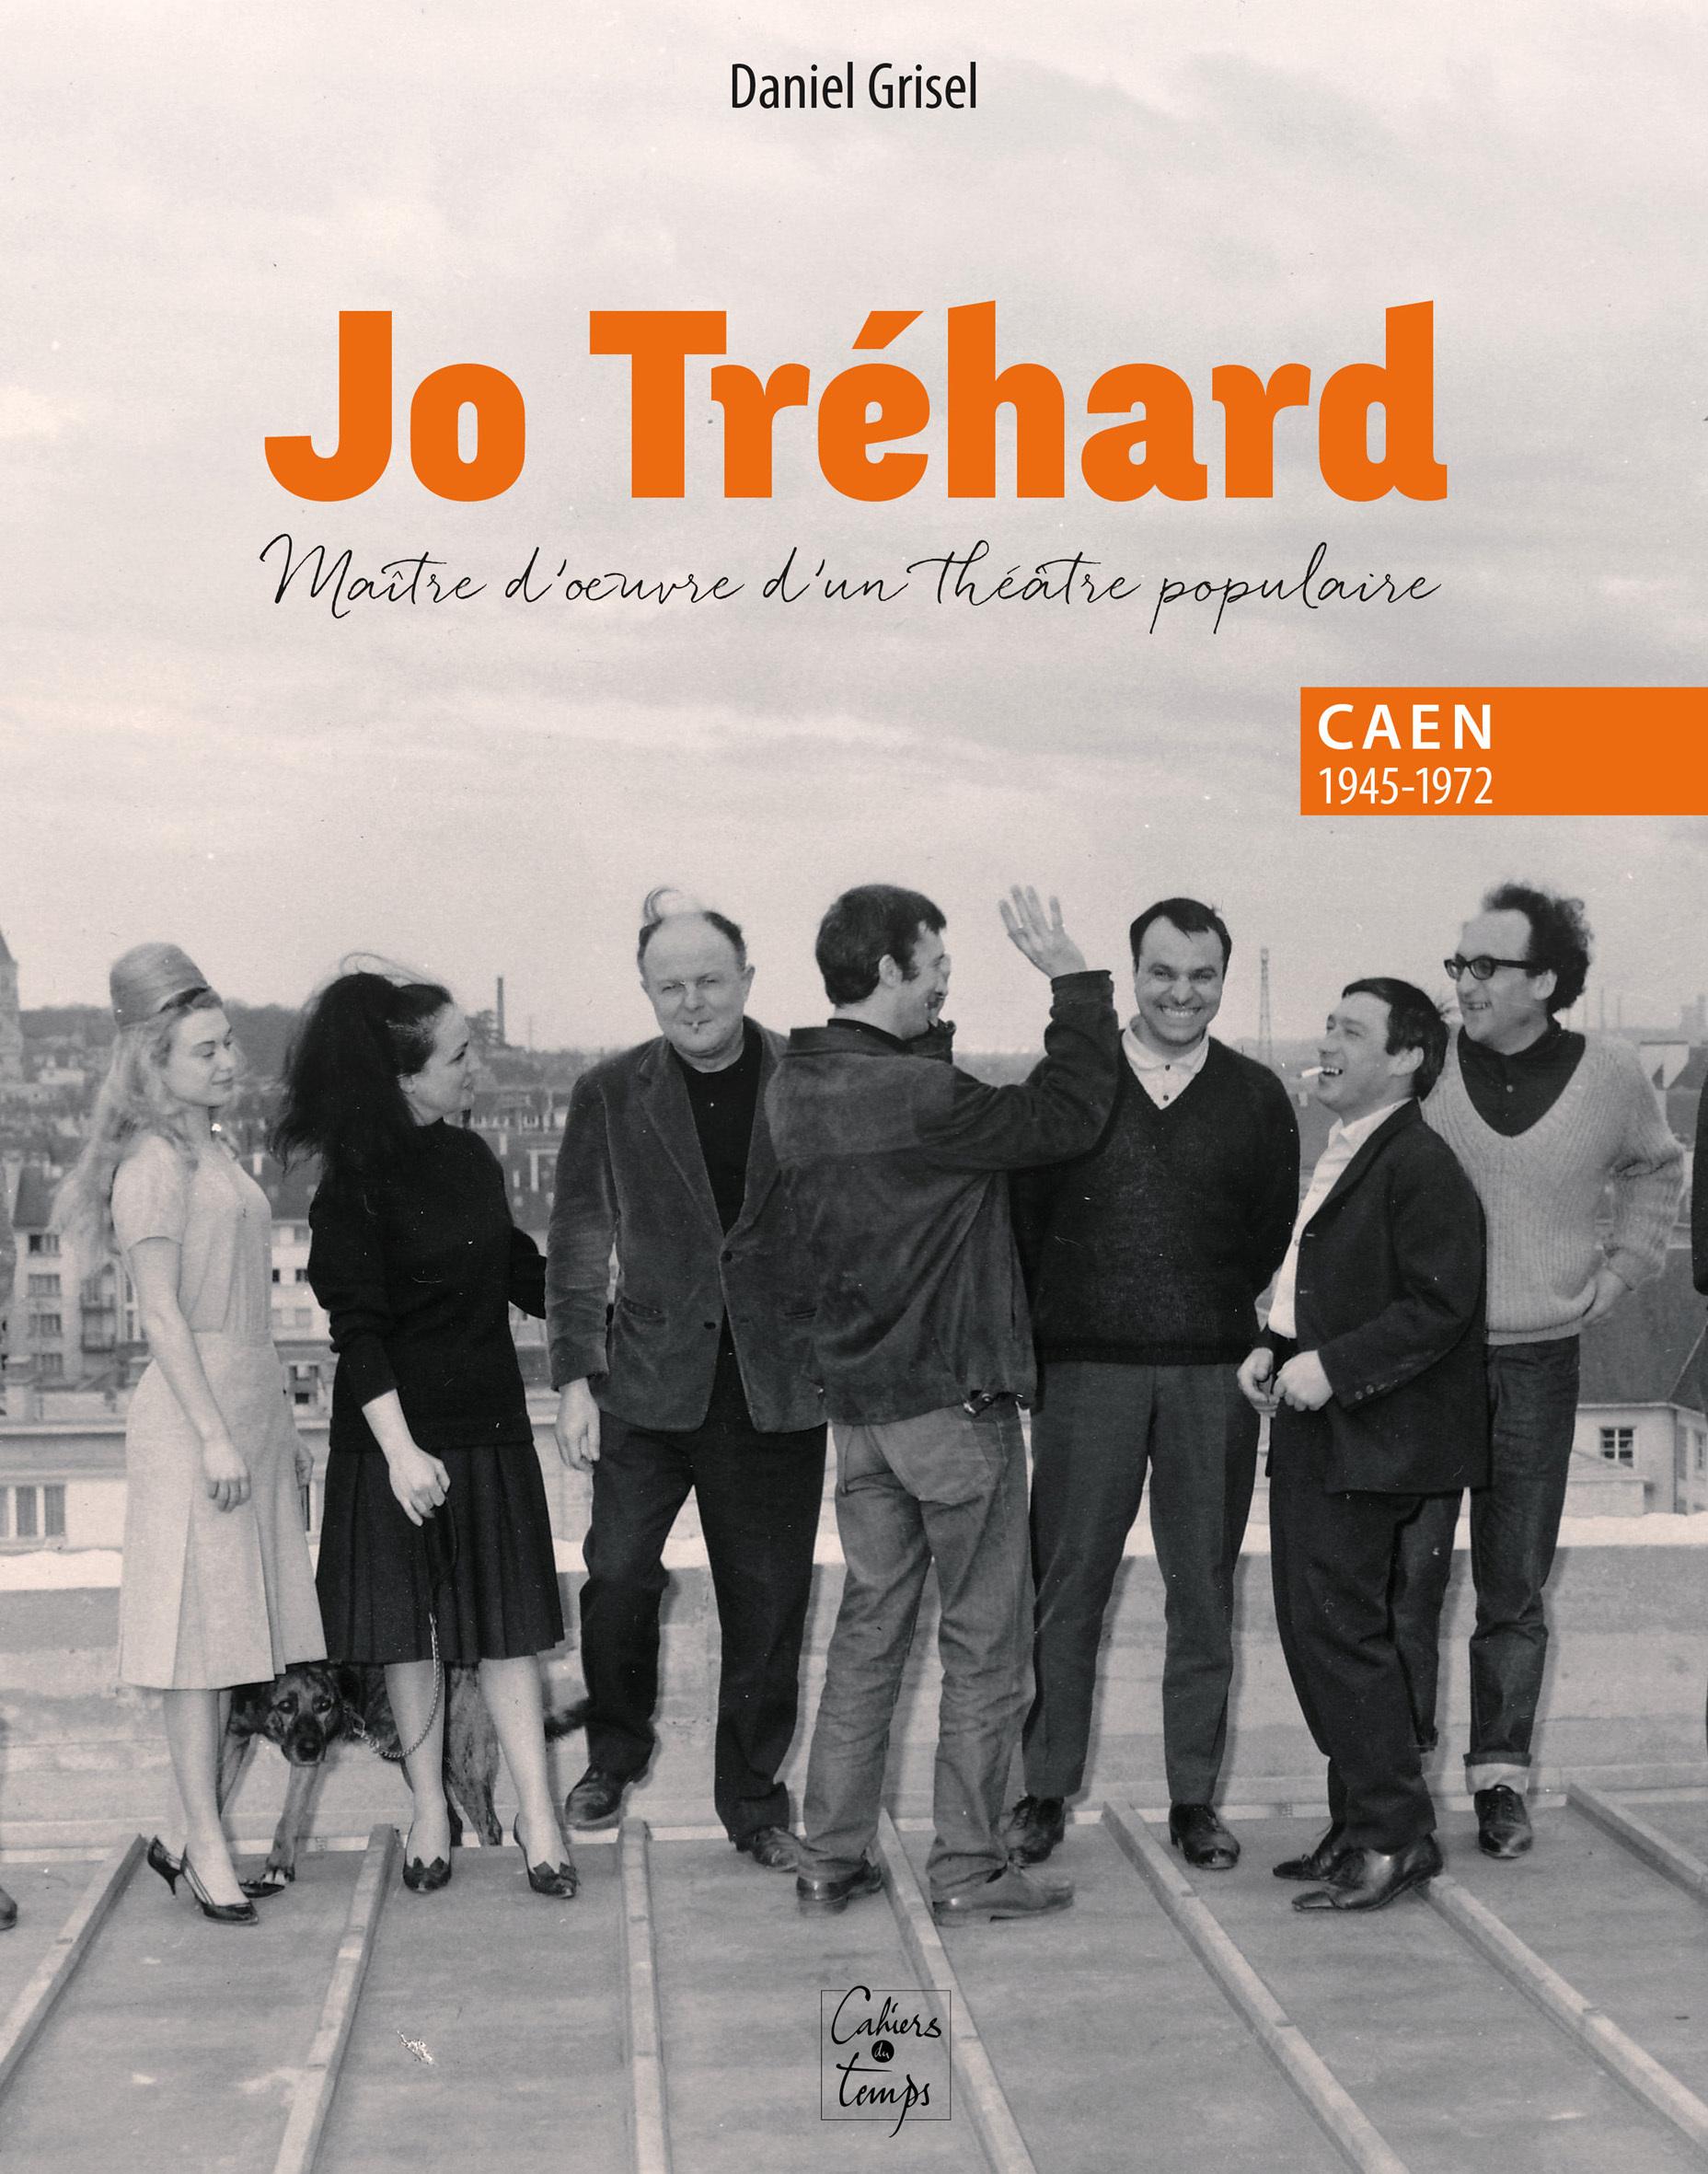 JO TREHARD, MAITRE D'OEUVRE D'UN THEATRE POPULAIRE, CAEN 1945-1972